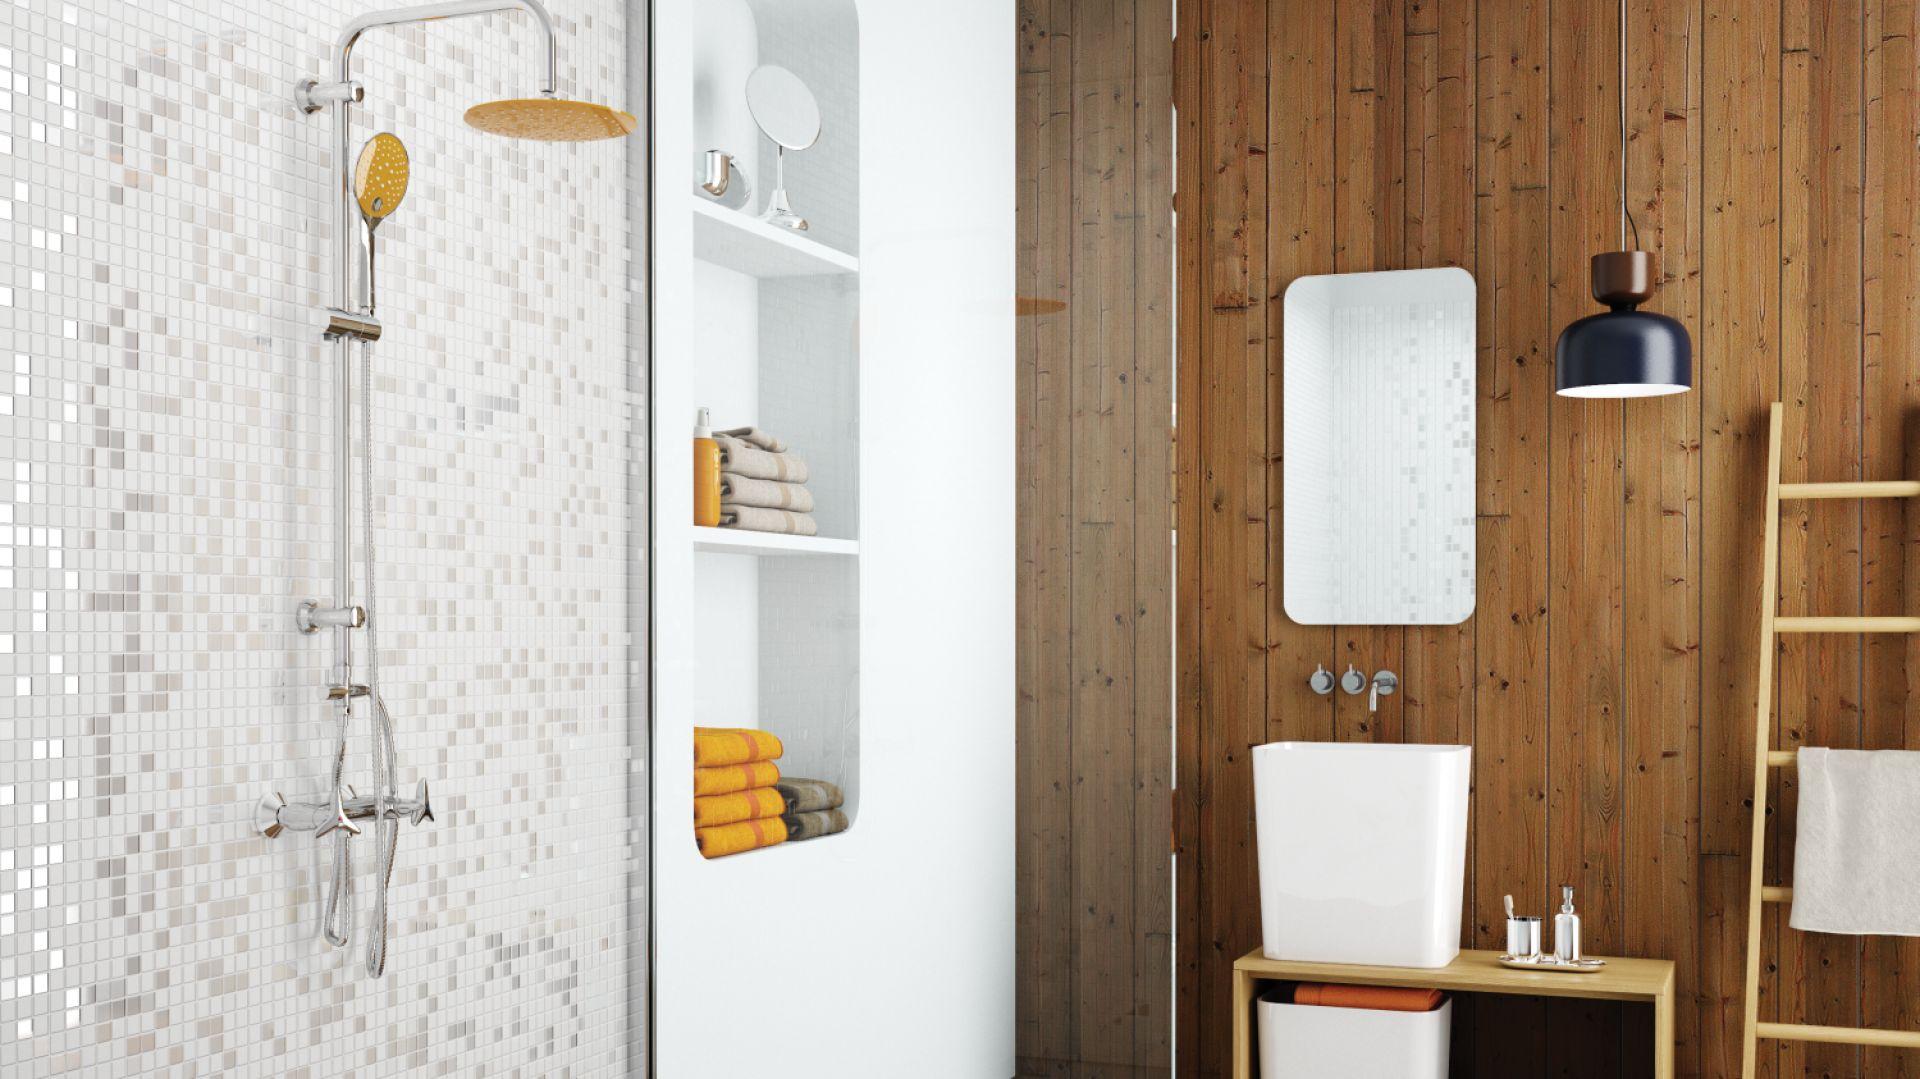 Zestaw prysznicowy z deszczownią Kameleon, kolor żółty. Fot. Invena